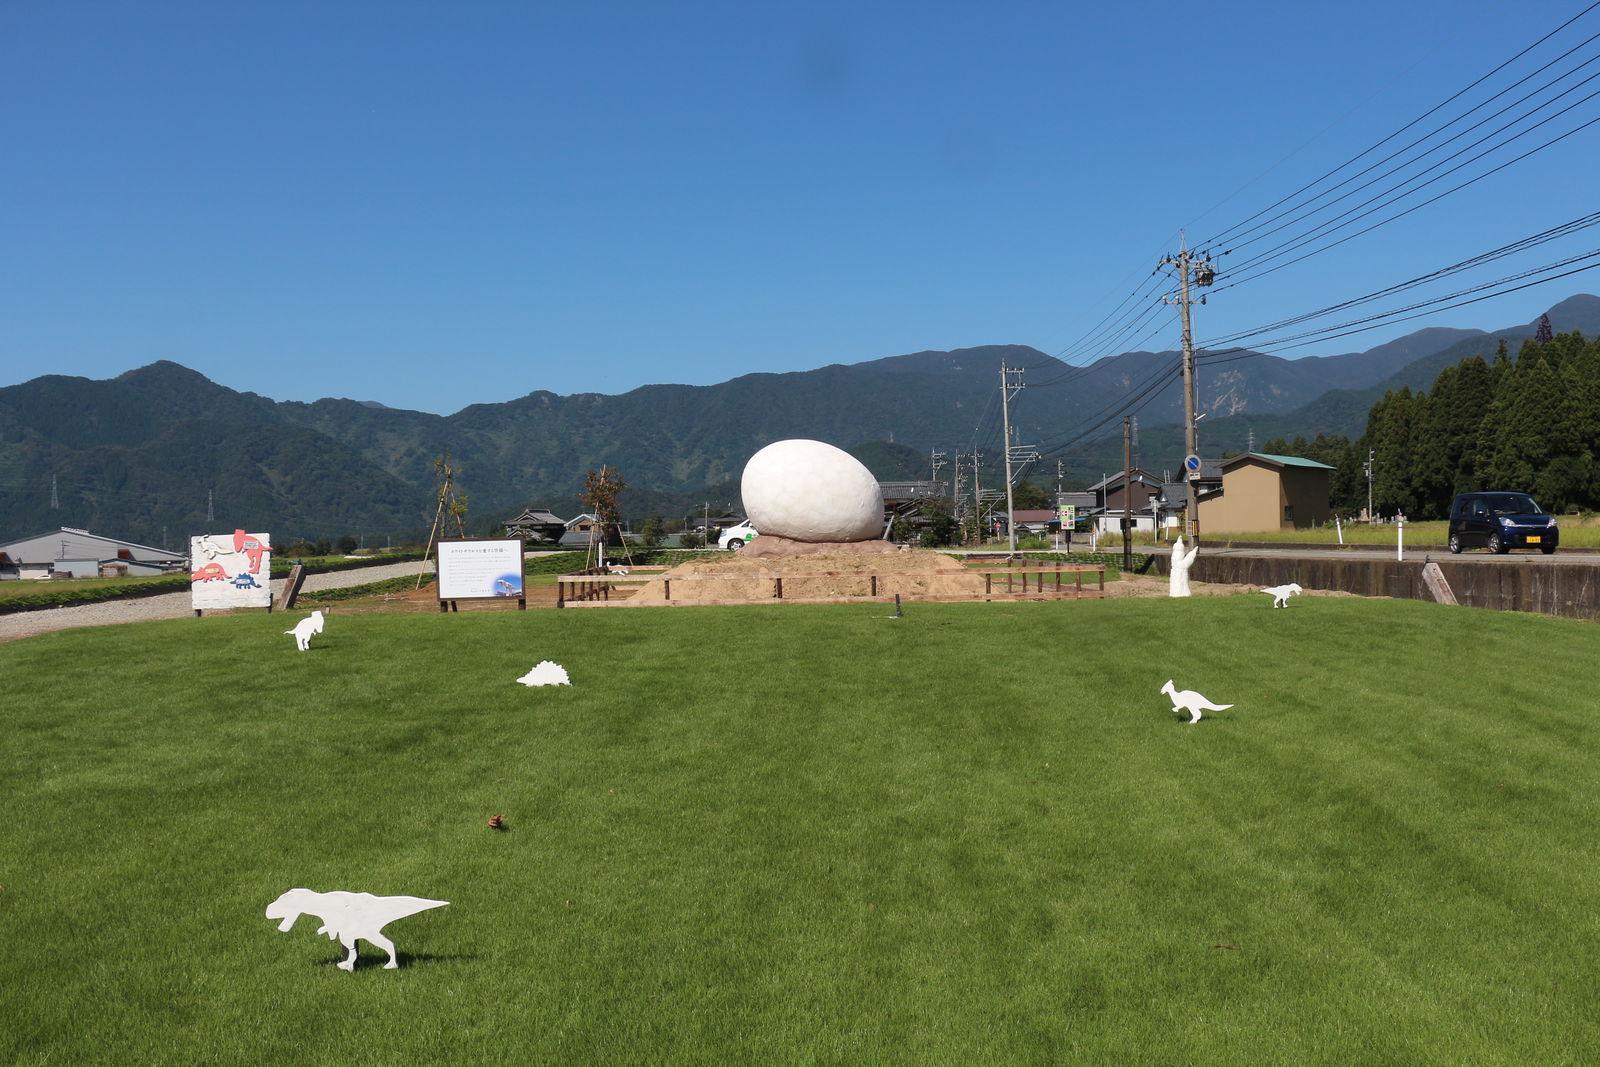 元々は今井さんの趣味でミニ恐竜を置いていた芝生広場。ちょっとした遊び心が発展して、まちの魅力・名所につながっていきました